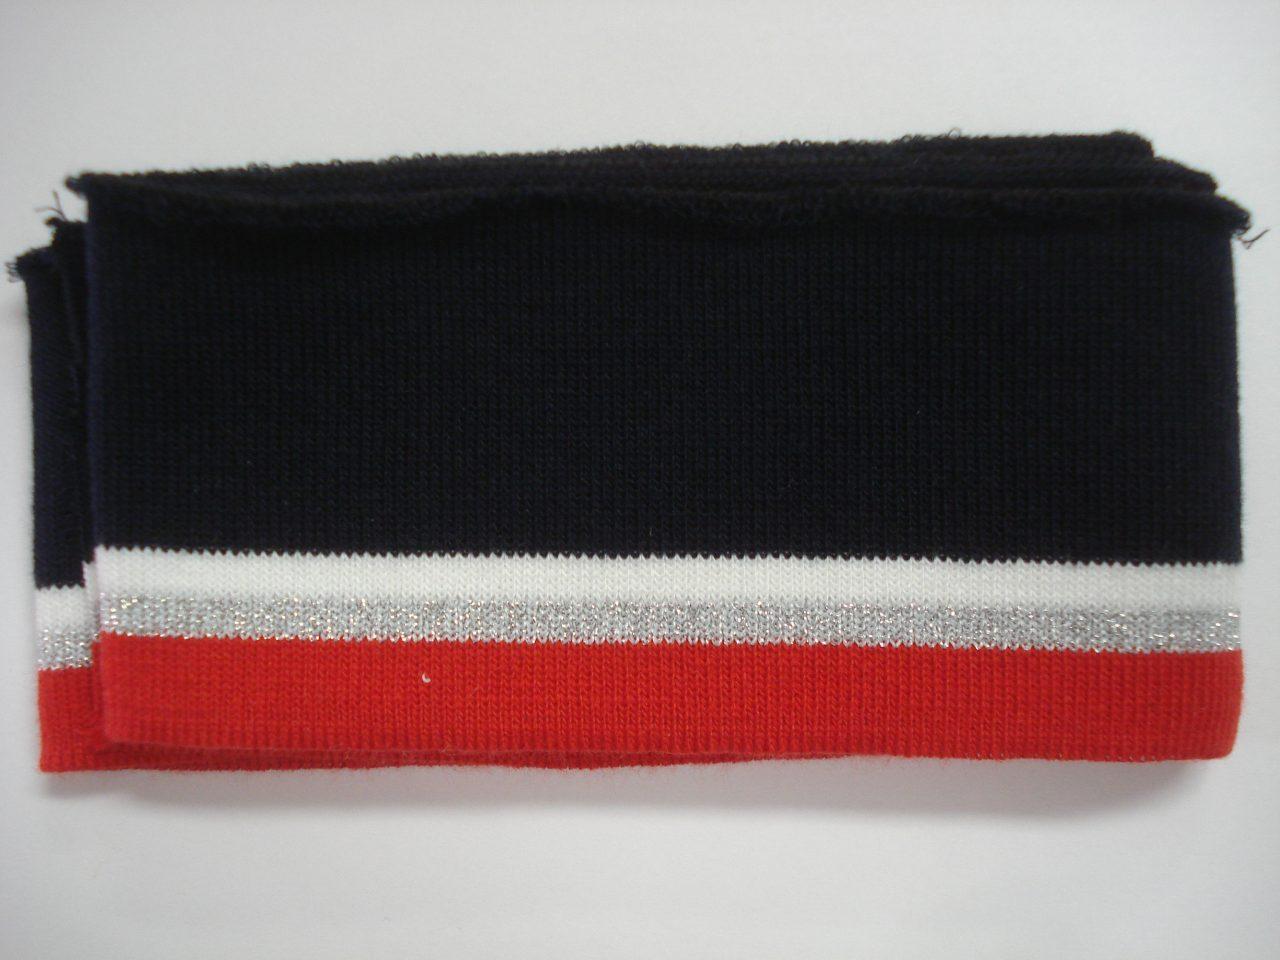 425e097196a Katoenen boord gestreept navy/wit/zilver/rood 6cm x 110cm - Zus en Gus